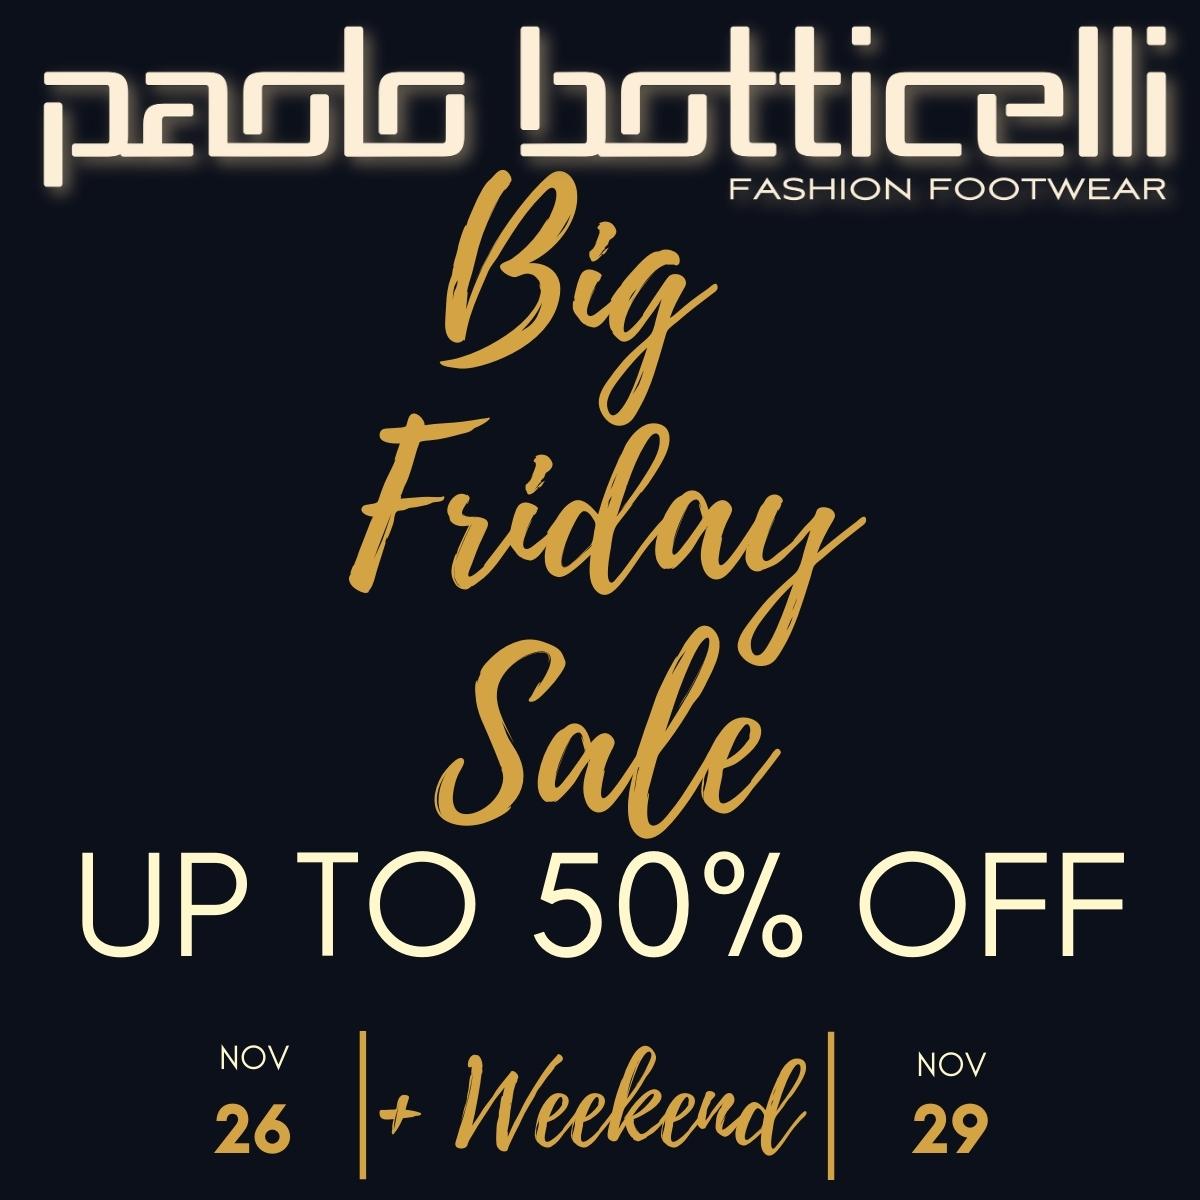 Black Weekend в Paolo Botticelli!